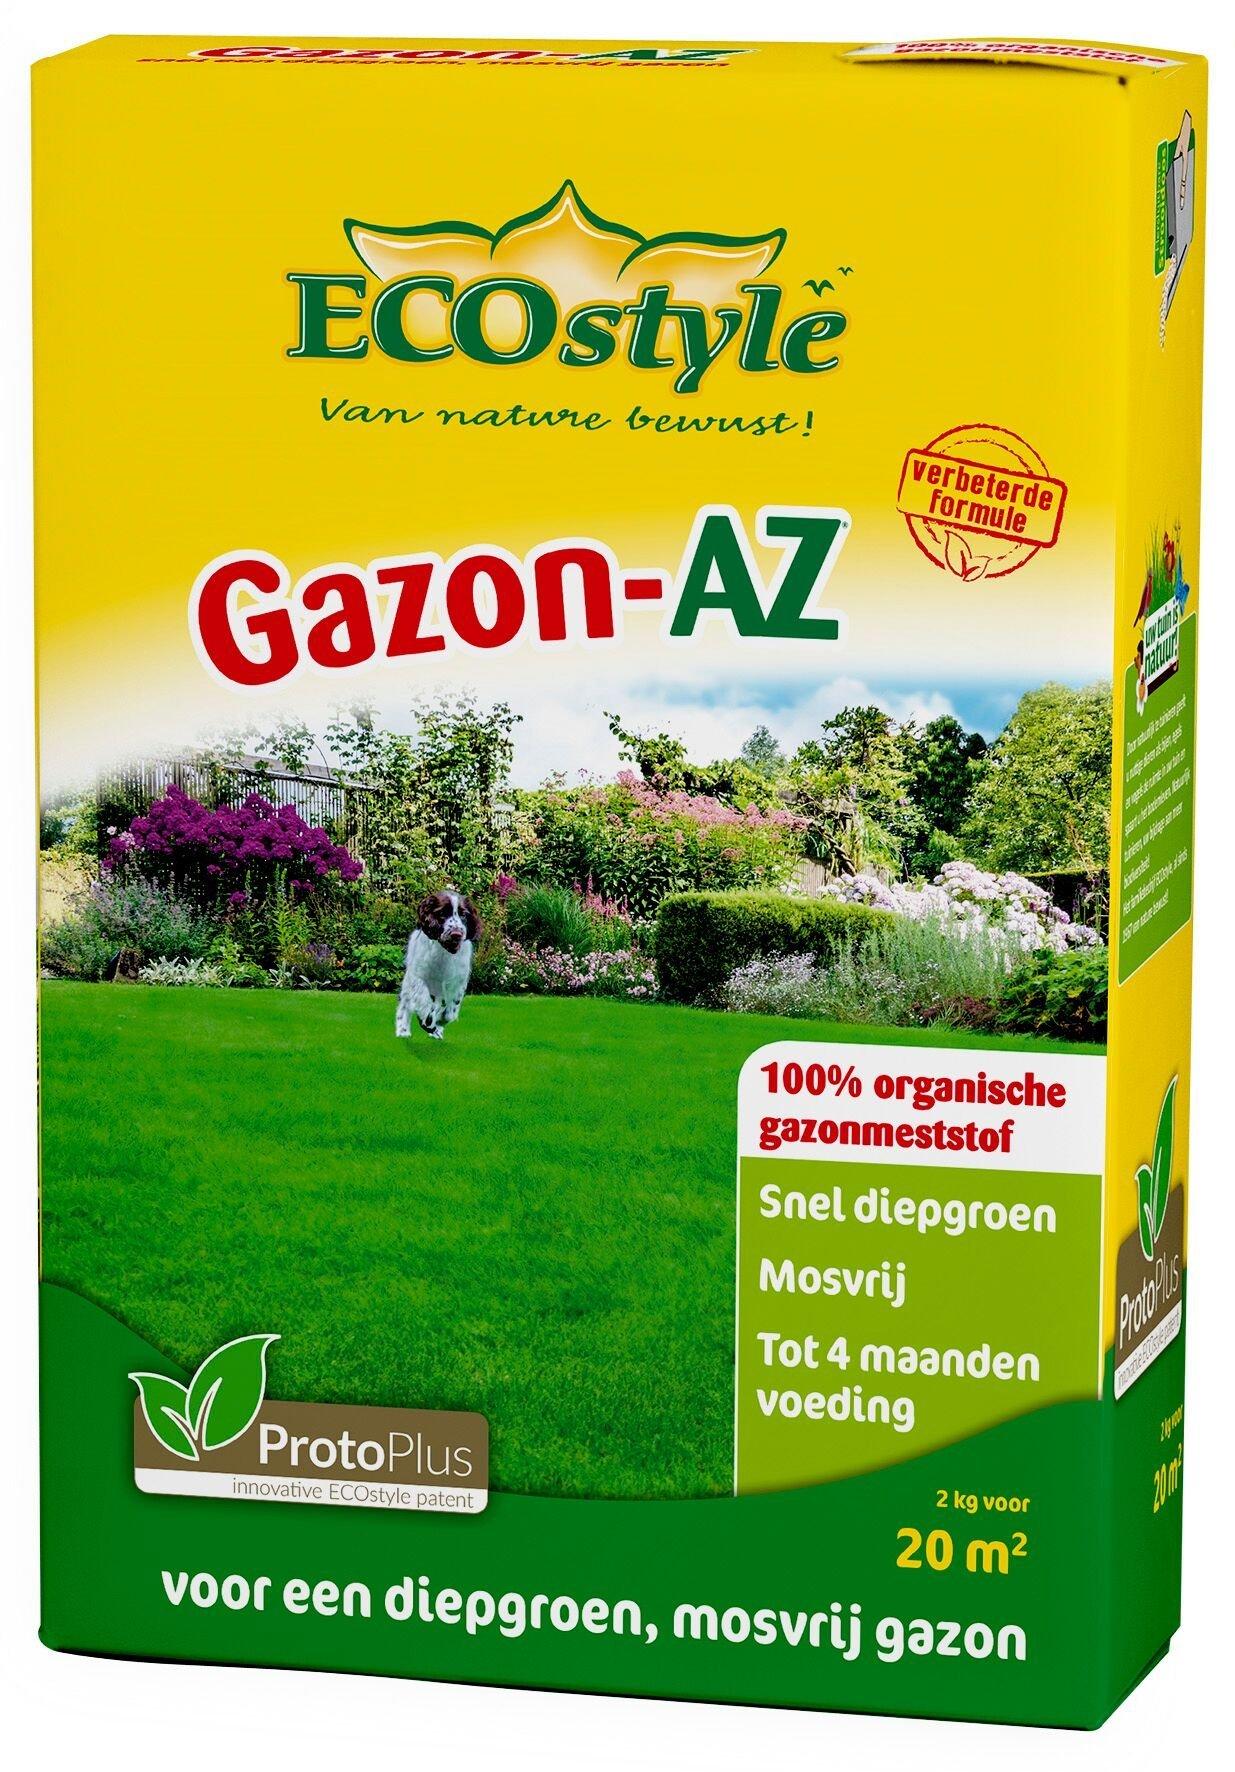 ECOSTYLE GAZON-AZ 2 KG